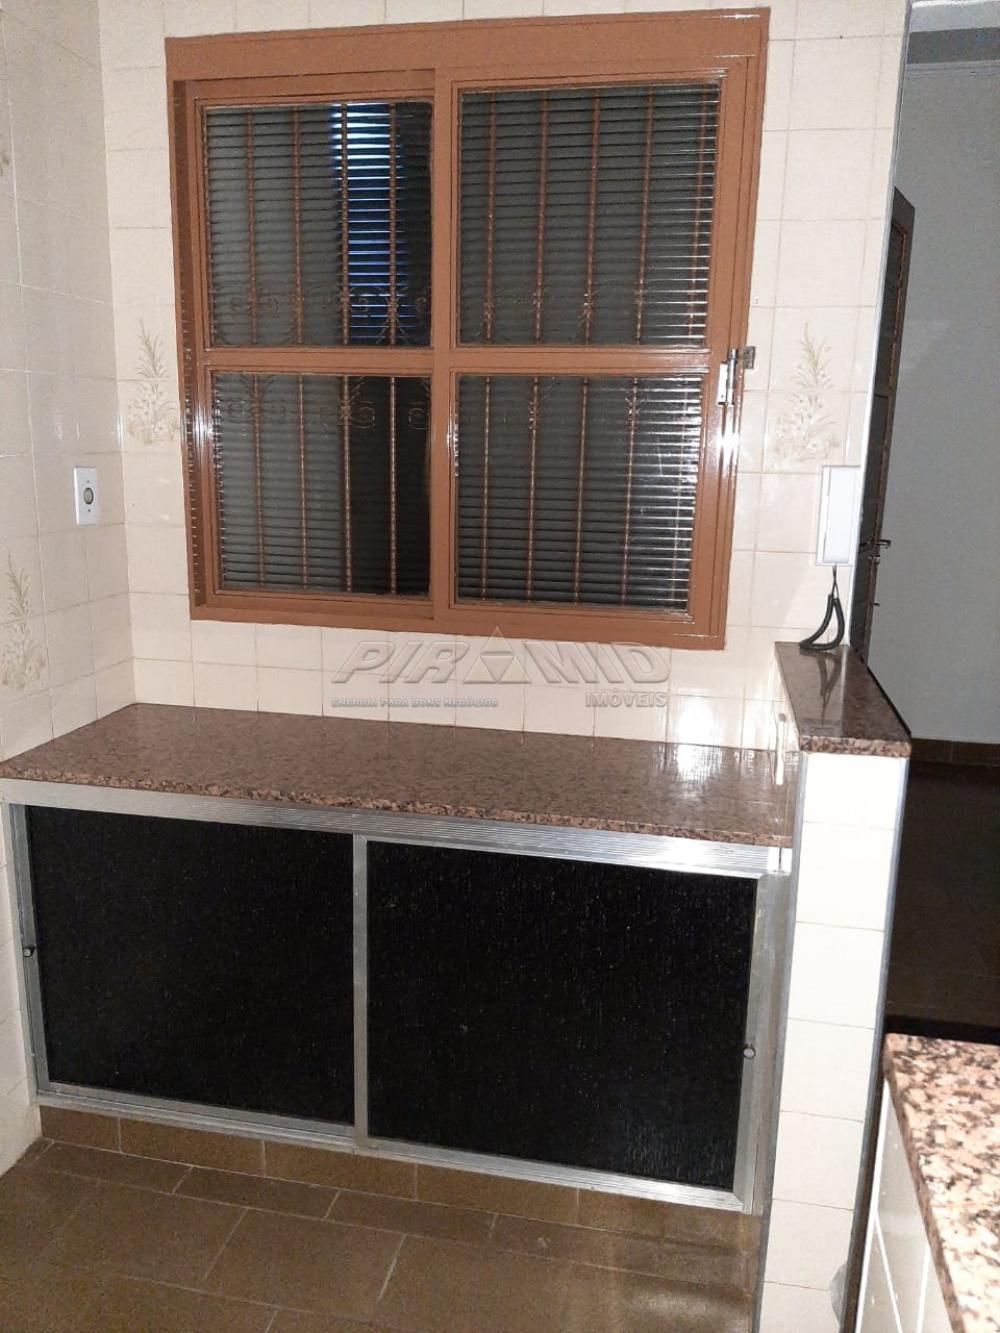 Comprar Casa / Padrão em Ribeirão Preto apenas R$ 200.000,00 - Foto 22